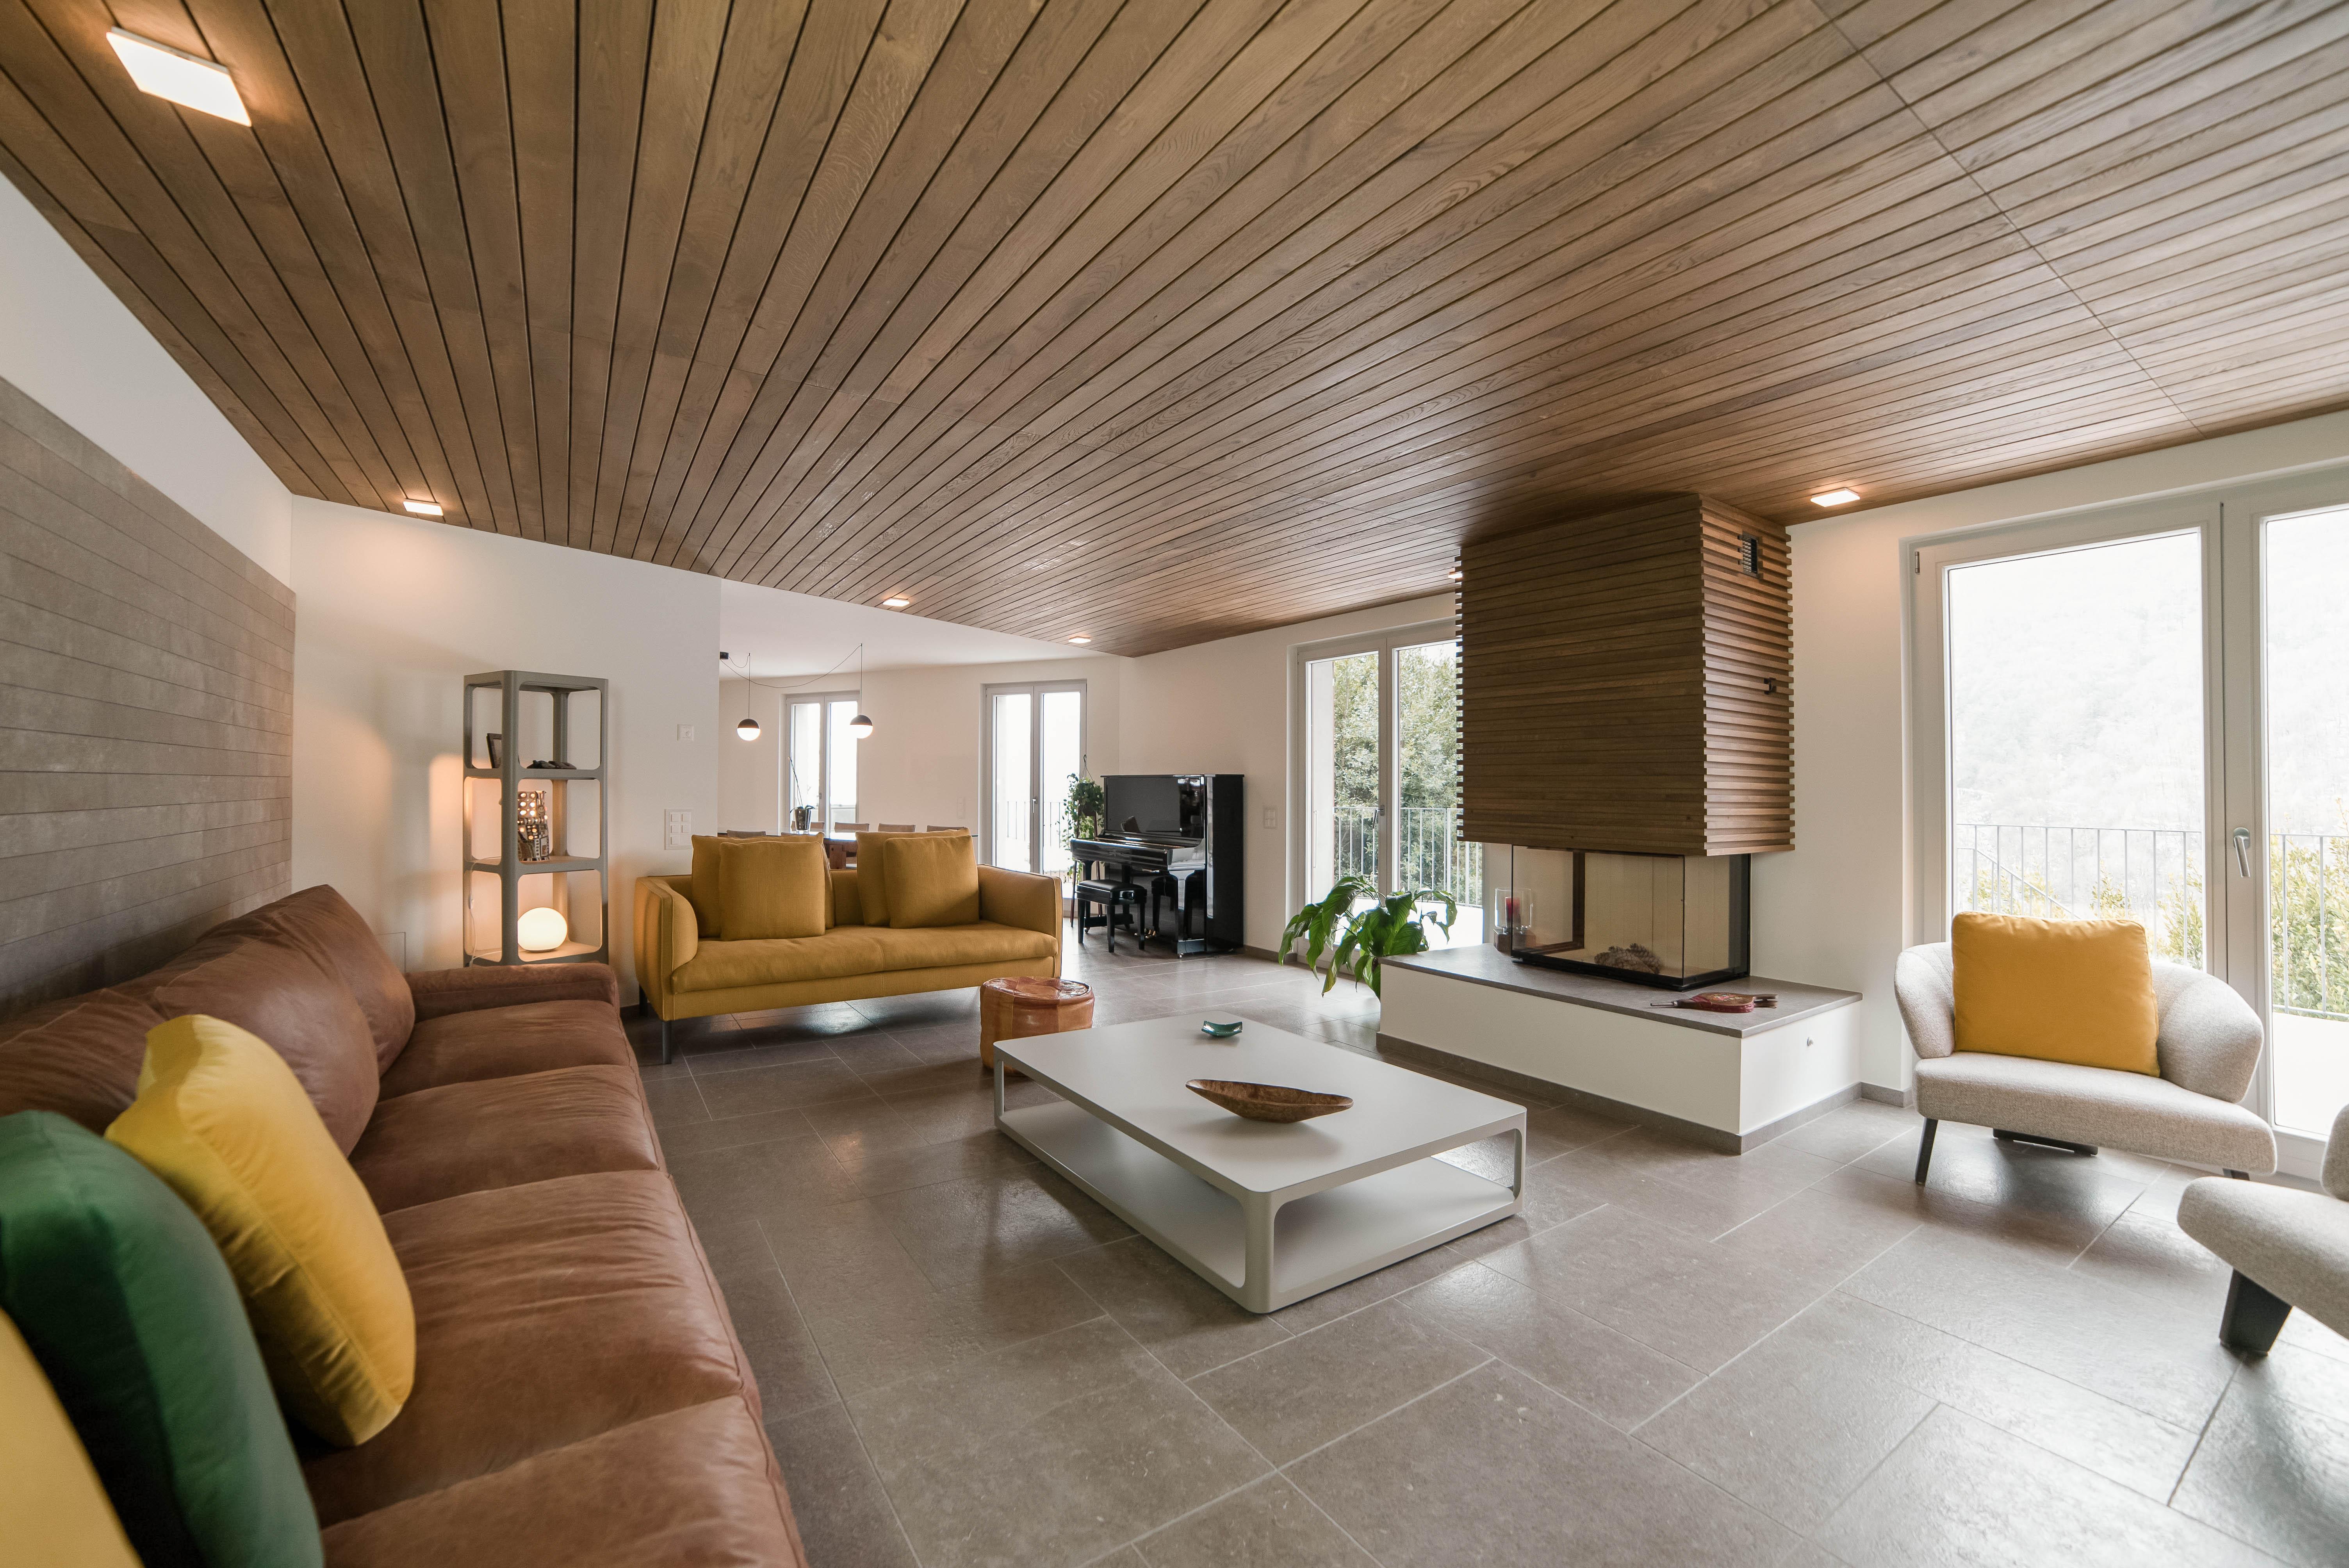 Progettazione interni bdu for Progettazione interni